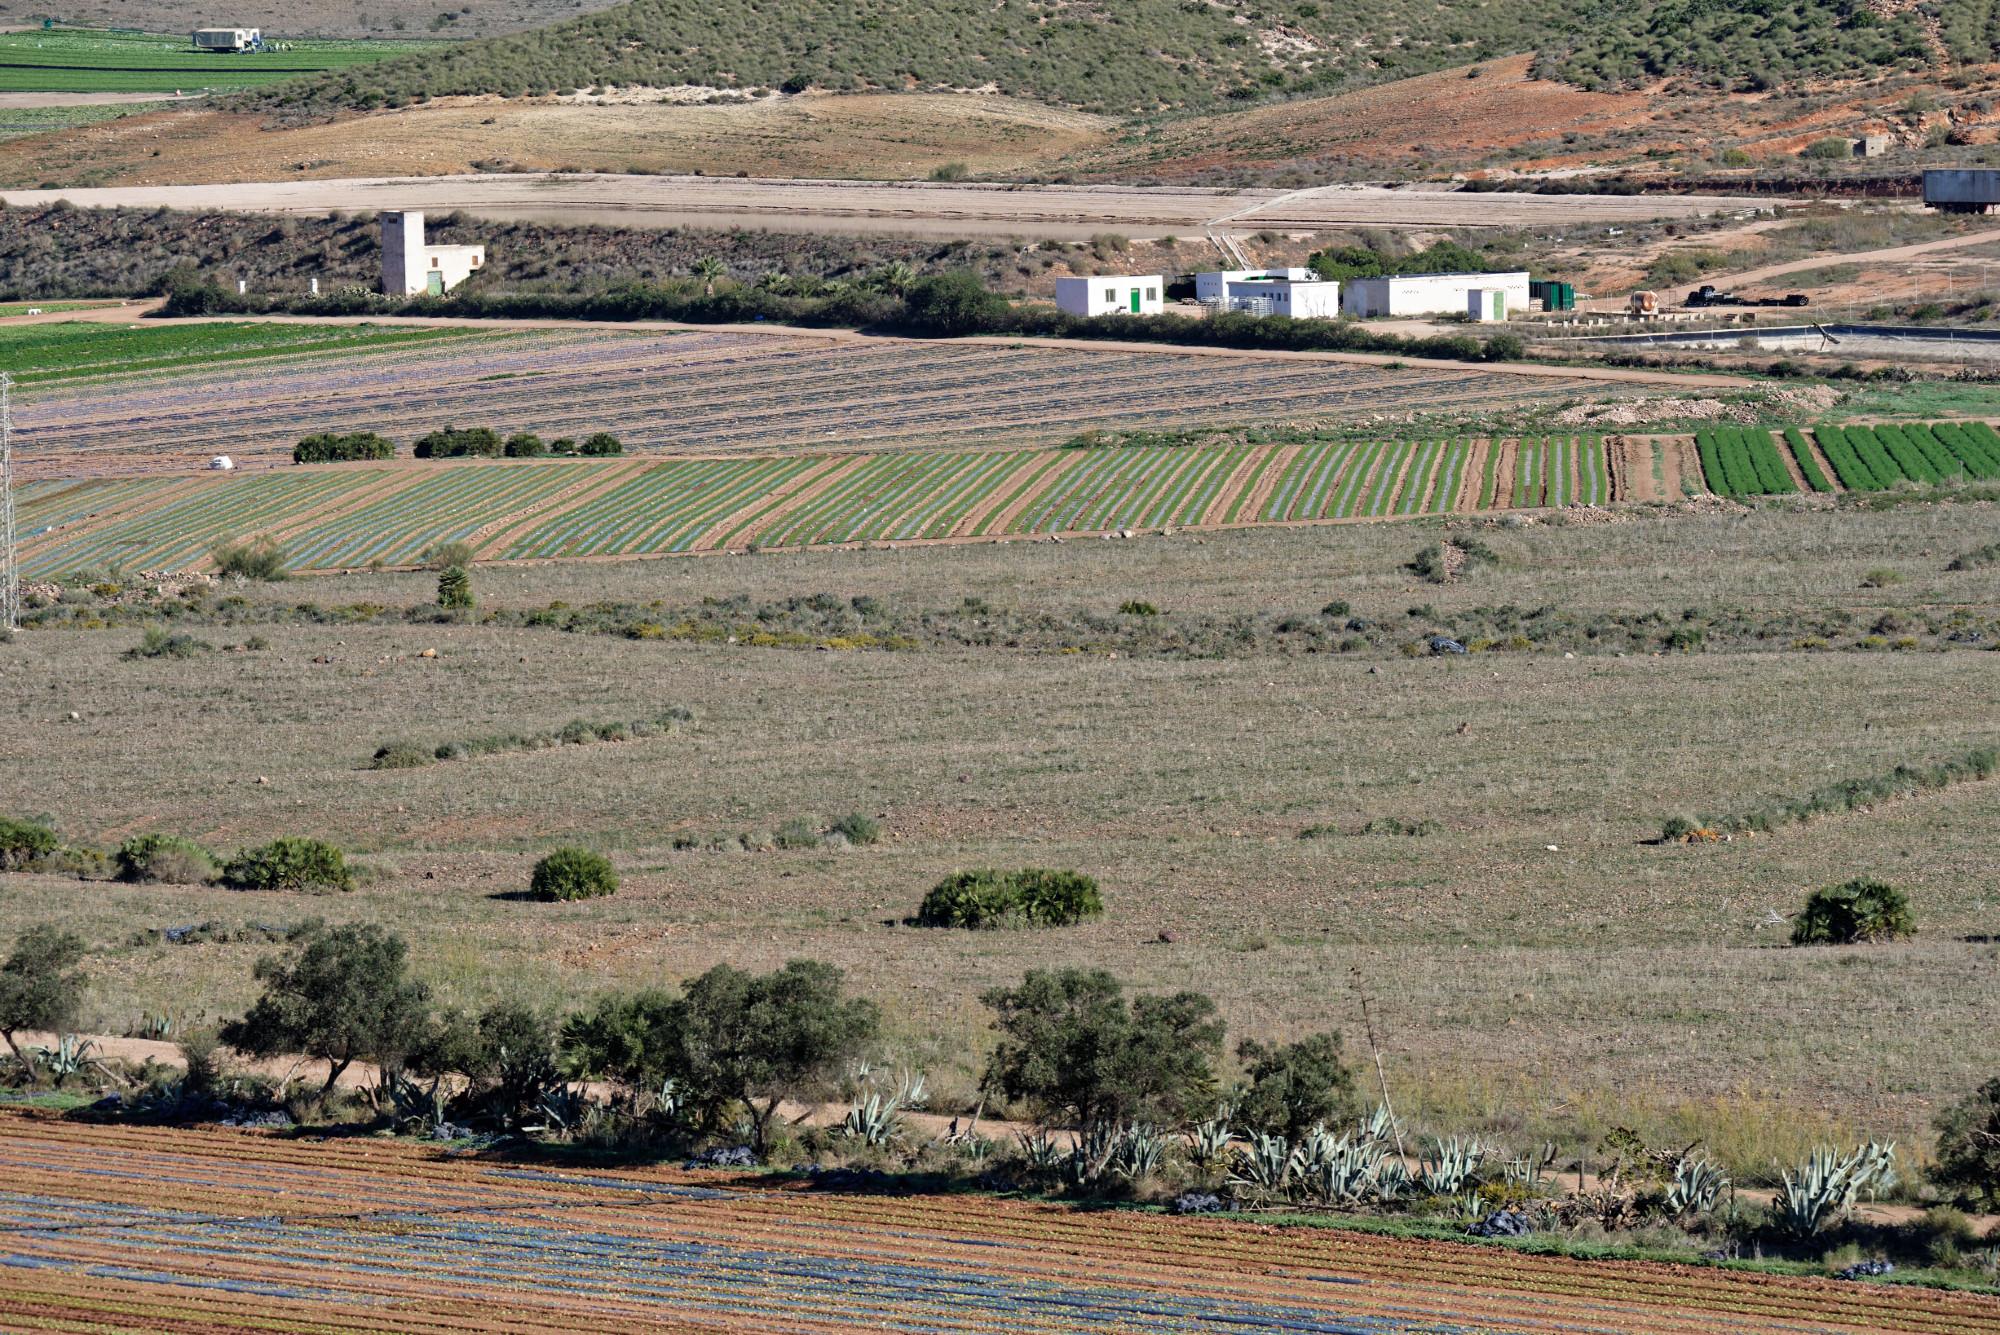 171218-Piste Rodalquilar vers Cortijo del Fraile (Cabo de Gata-Andalousie) (58)